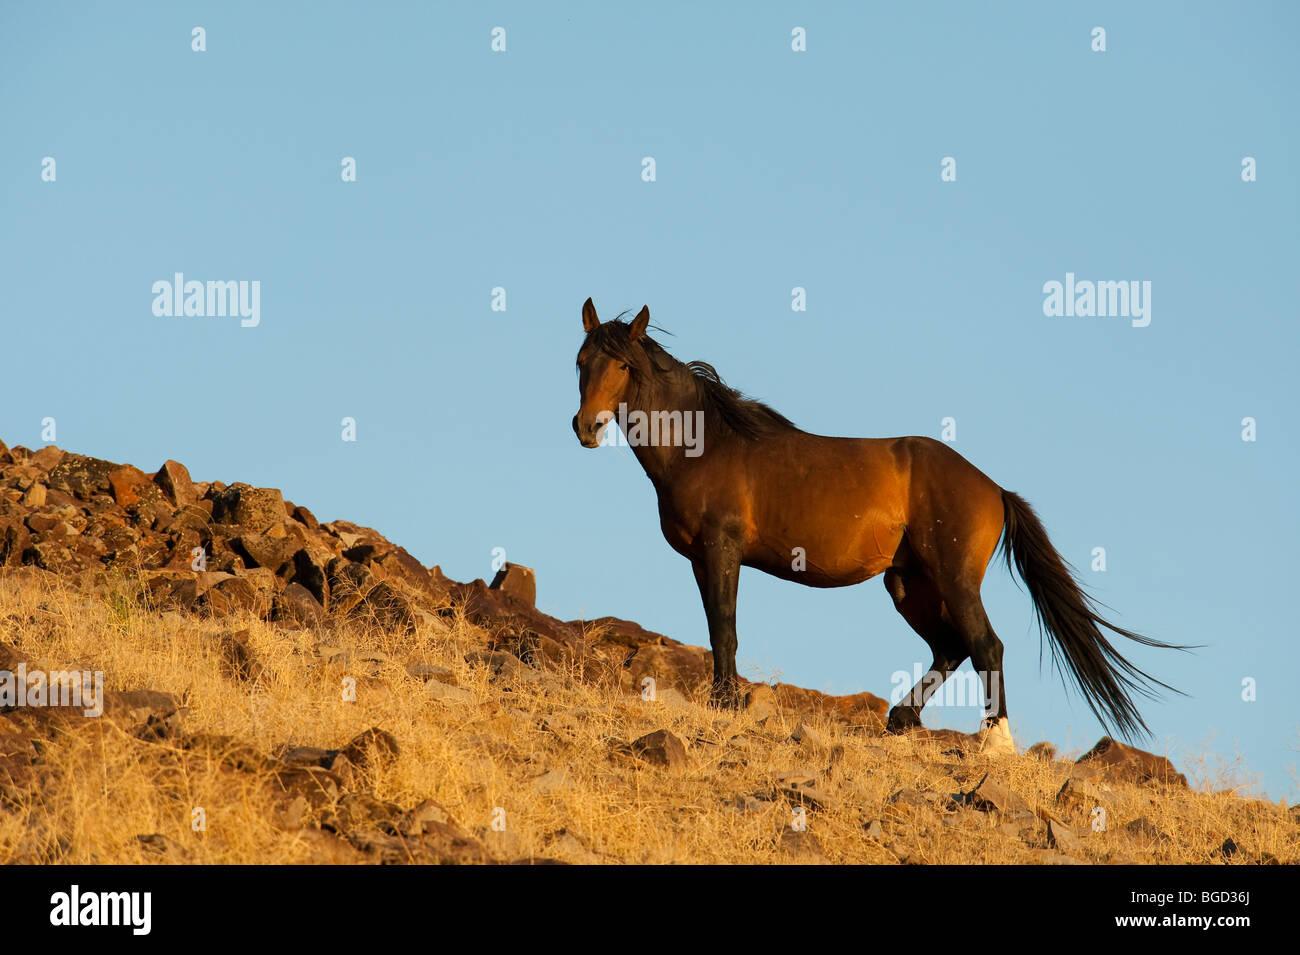 Wild Horse Stallion Equus ferus caballus Nevada Stock Photo